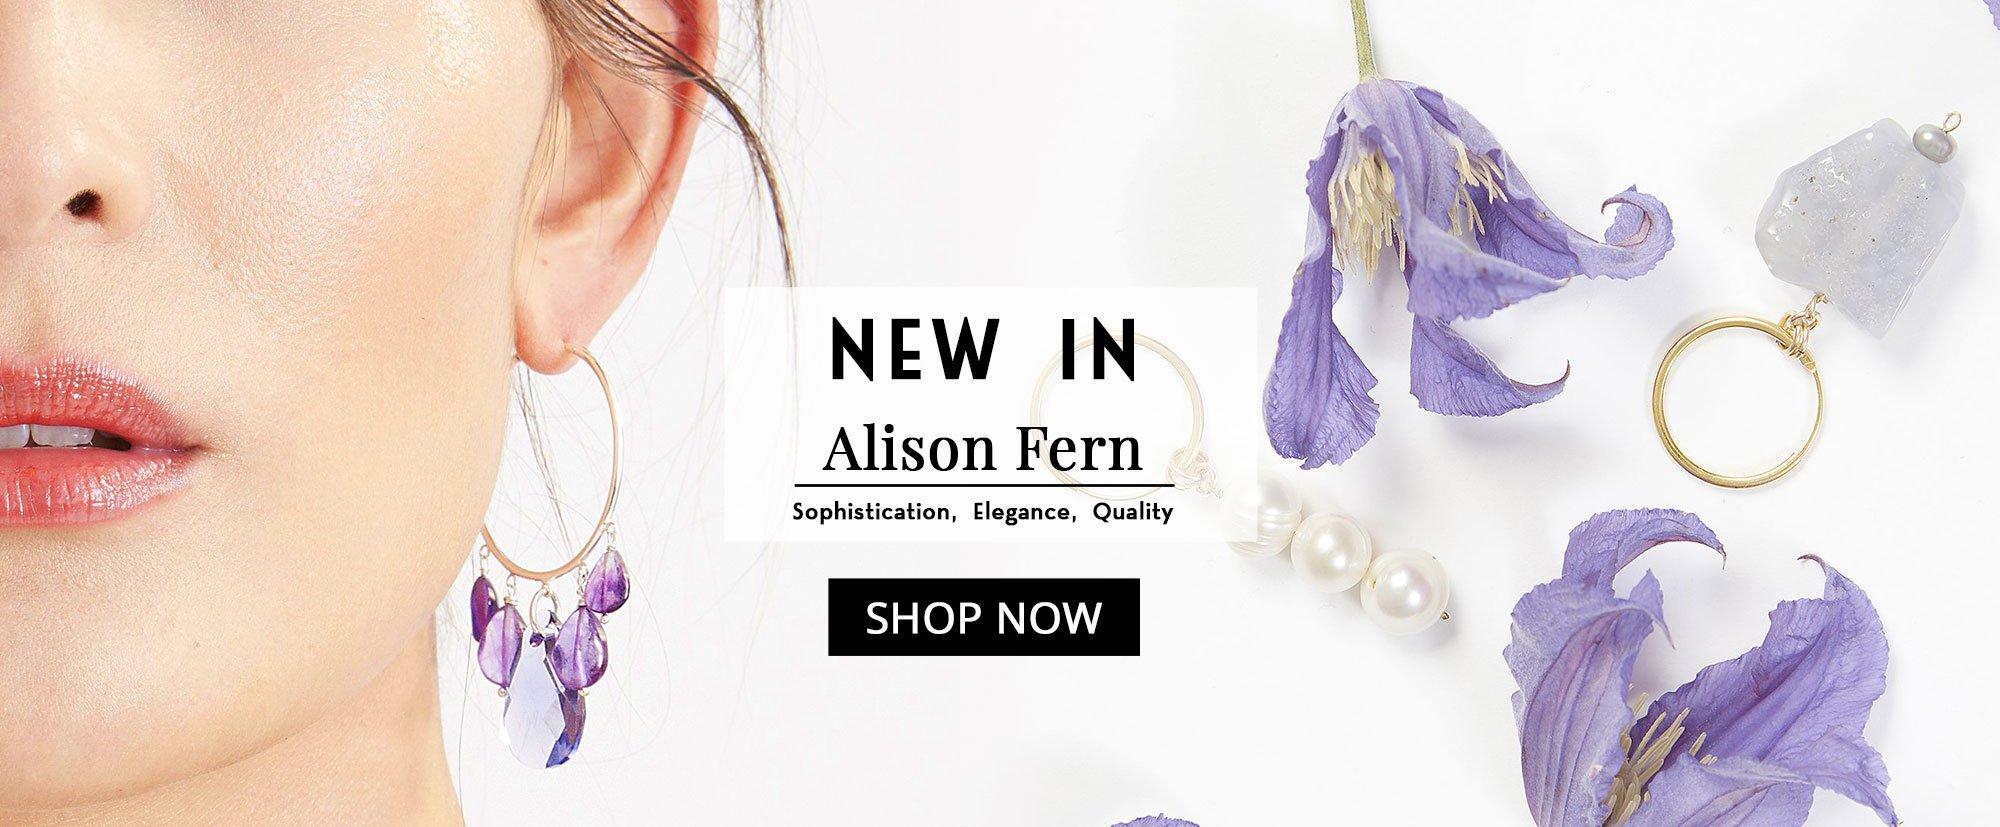 Alison Fern